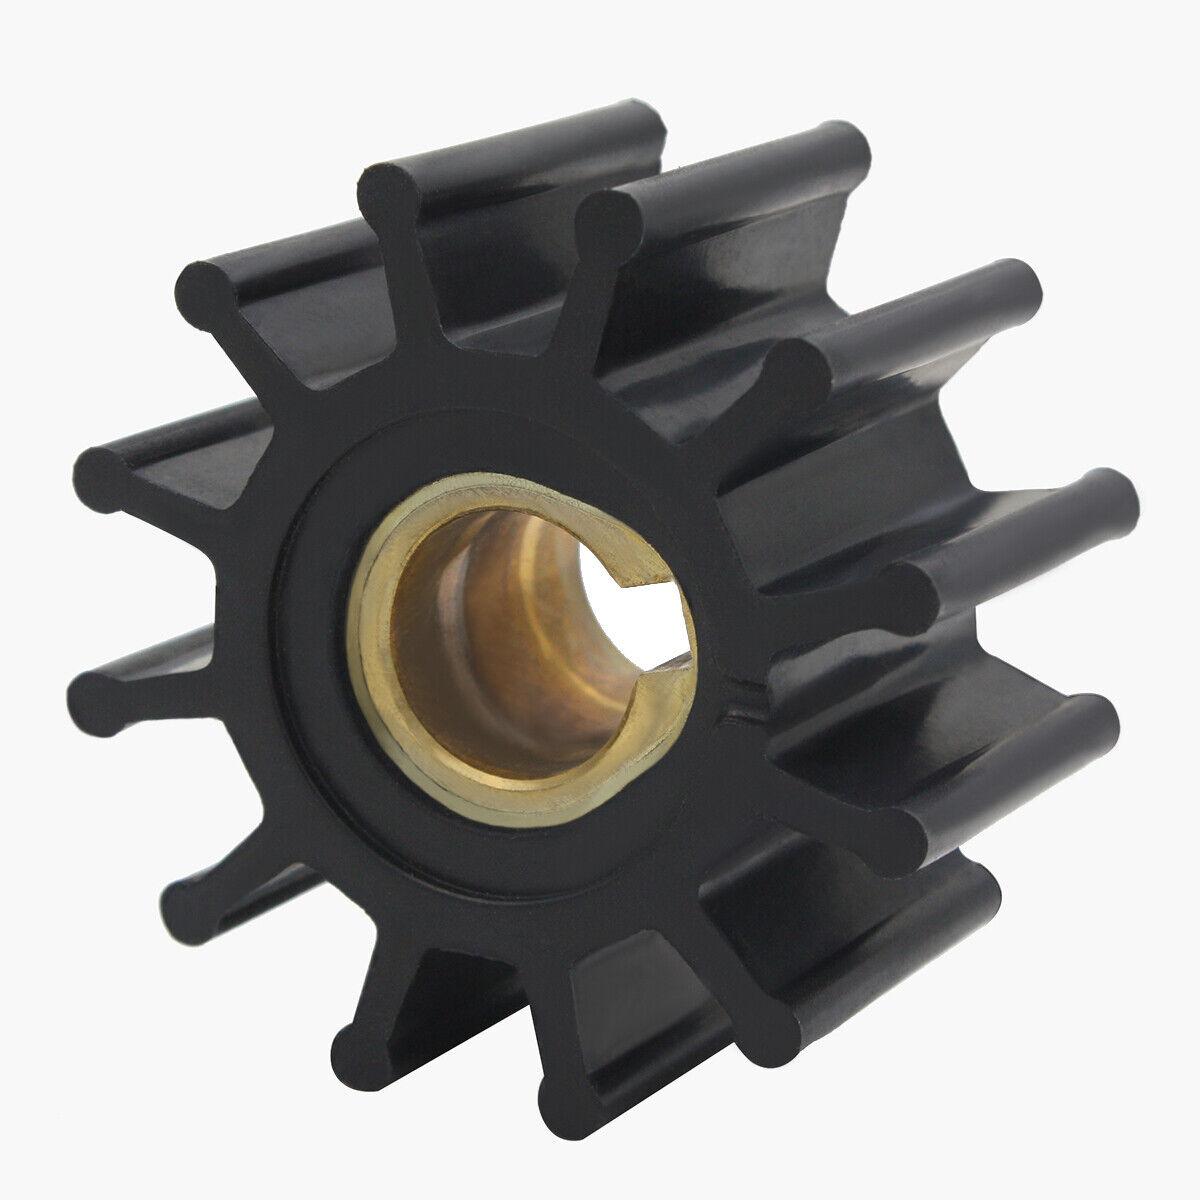 2 Impellers for Jabsco 4568-0001 Sierra 18-3075 Johnson 09-801B Volvo 875575-3